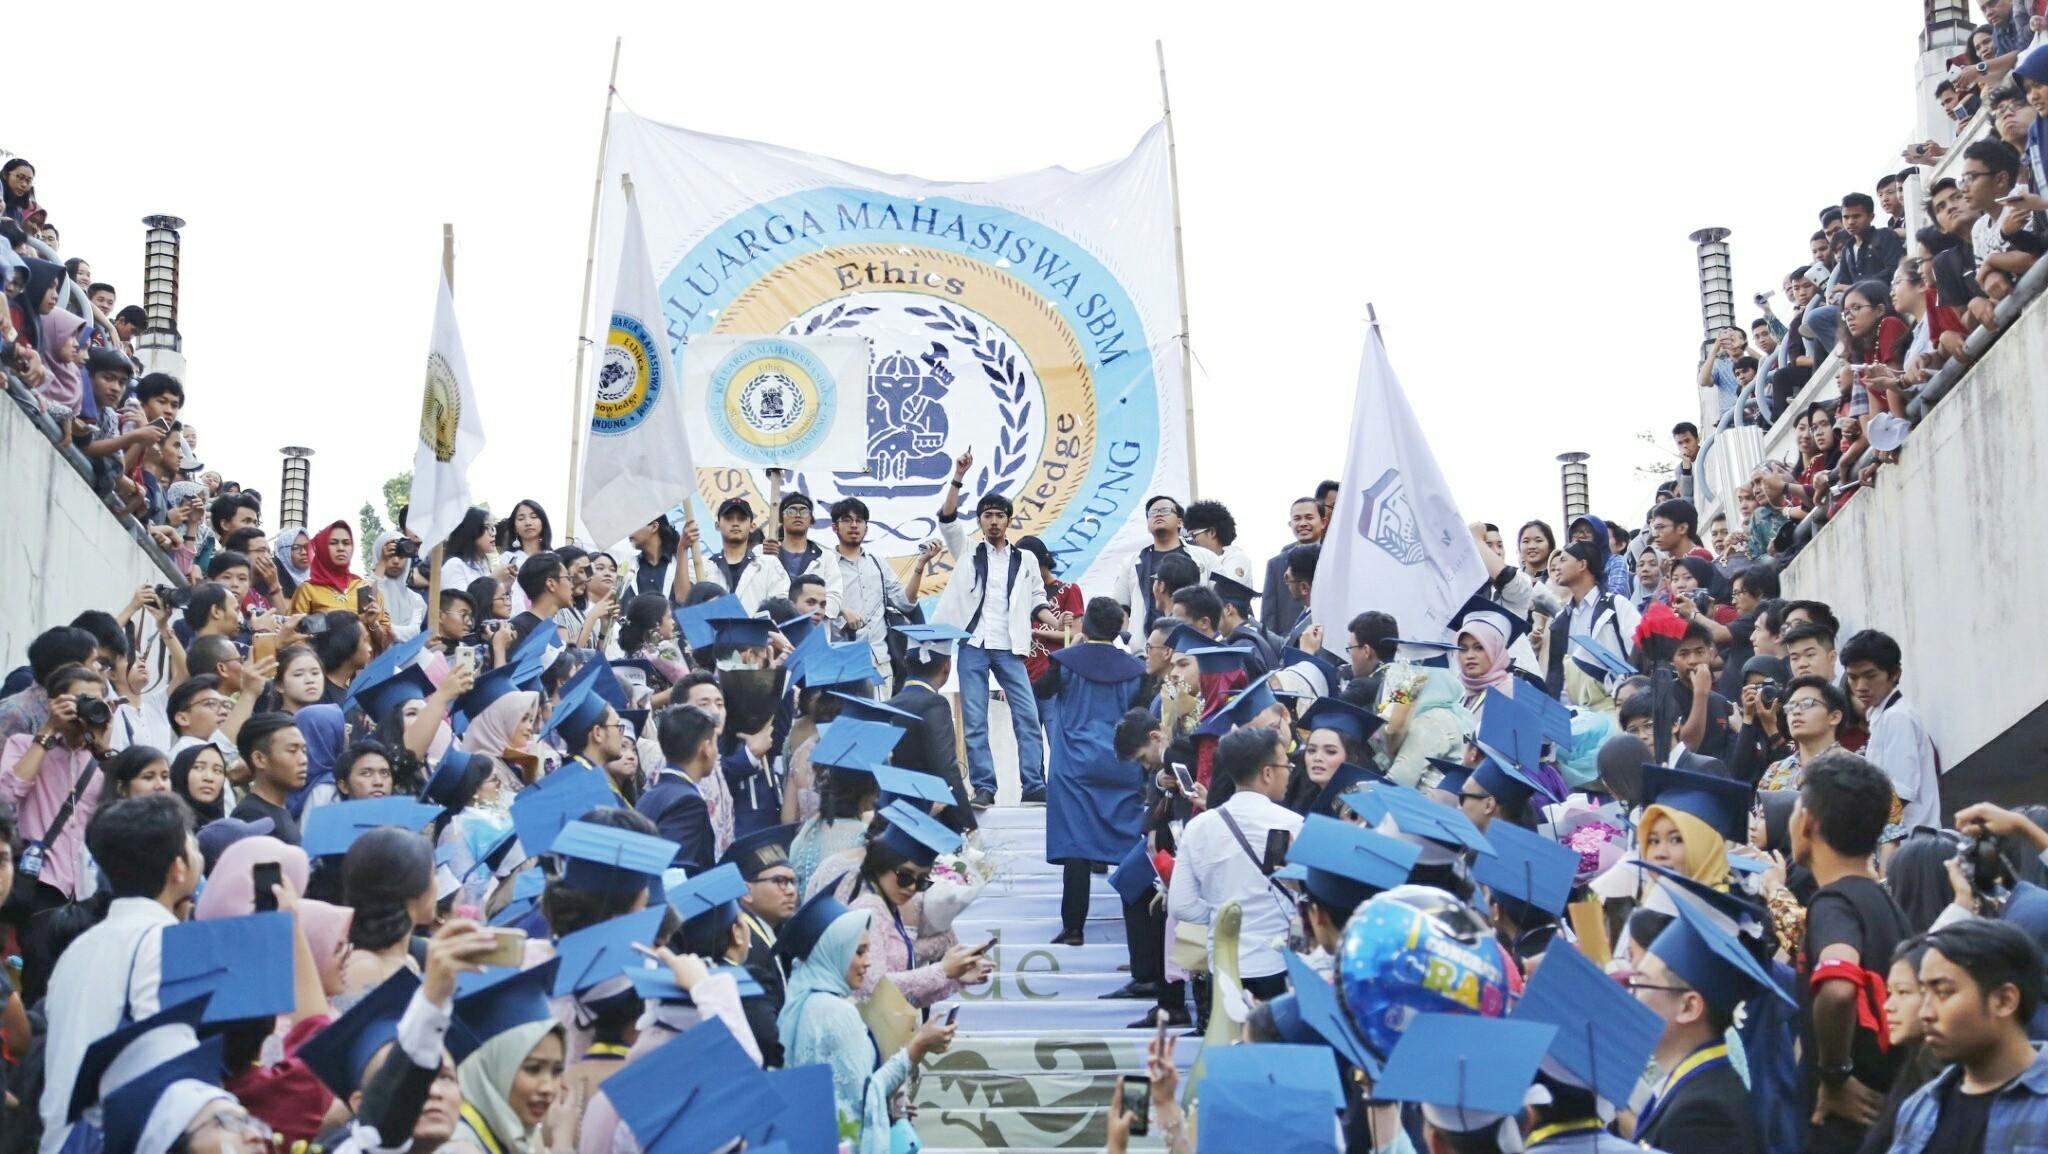 berita-wisuda-itb-2017-sbm-itb-mahasiswa-itb-saraga-himpunan-itb-arak-arakan-wisuda-itb-2017-salam-ganesha-km-sbm-kmm